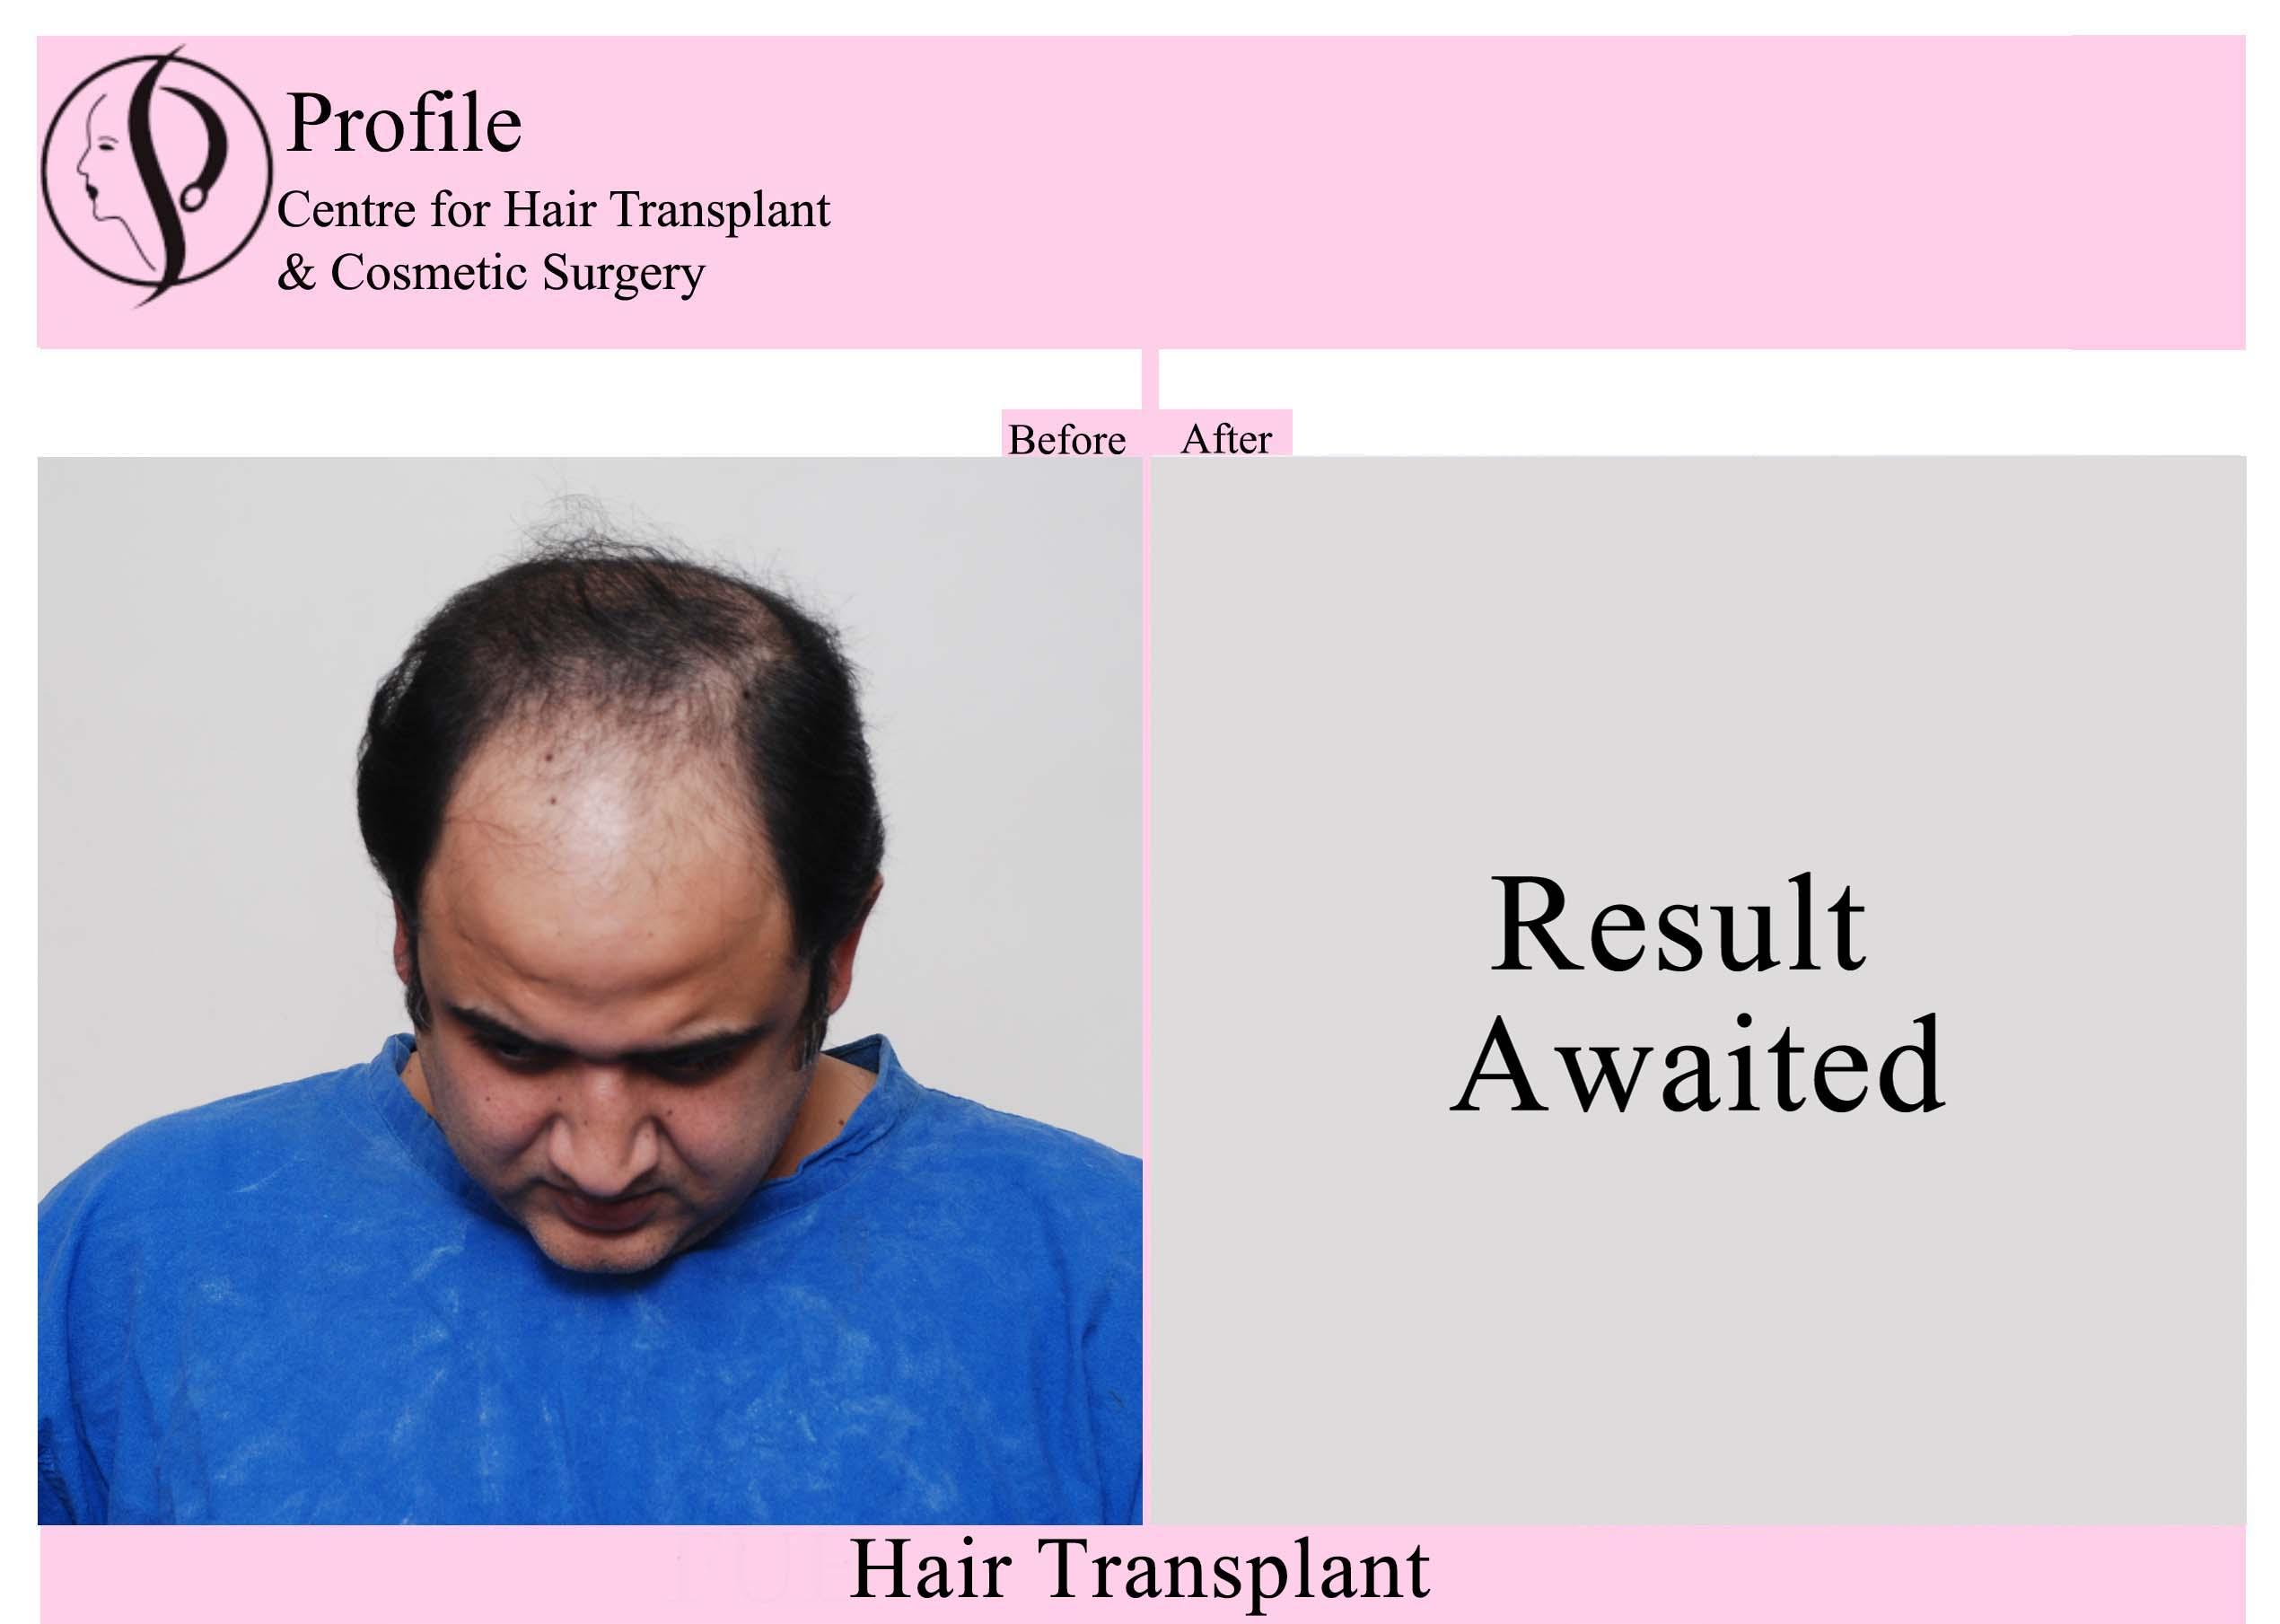 Dr. Amit Puri